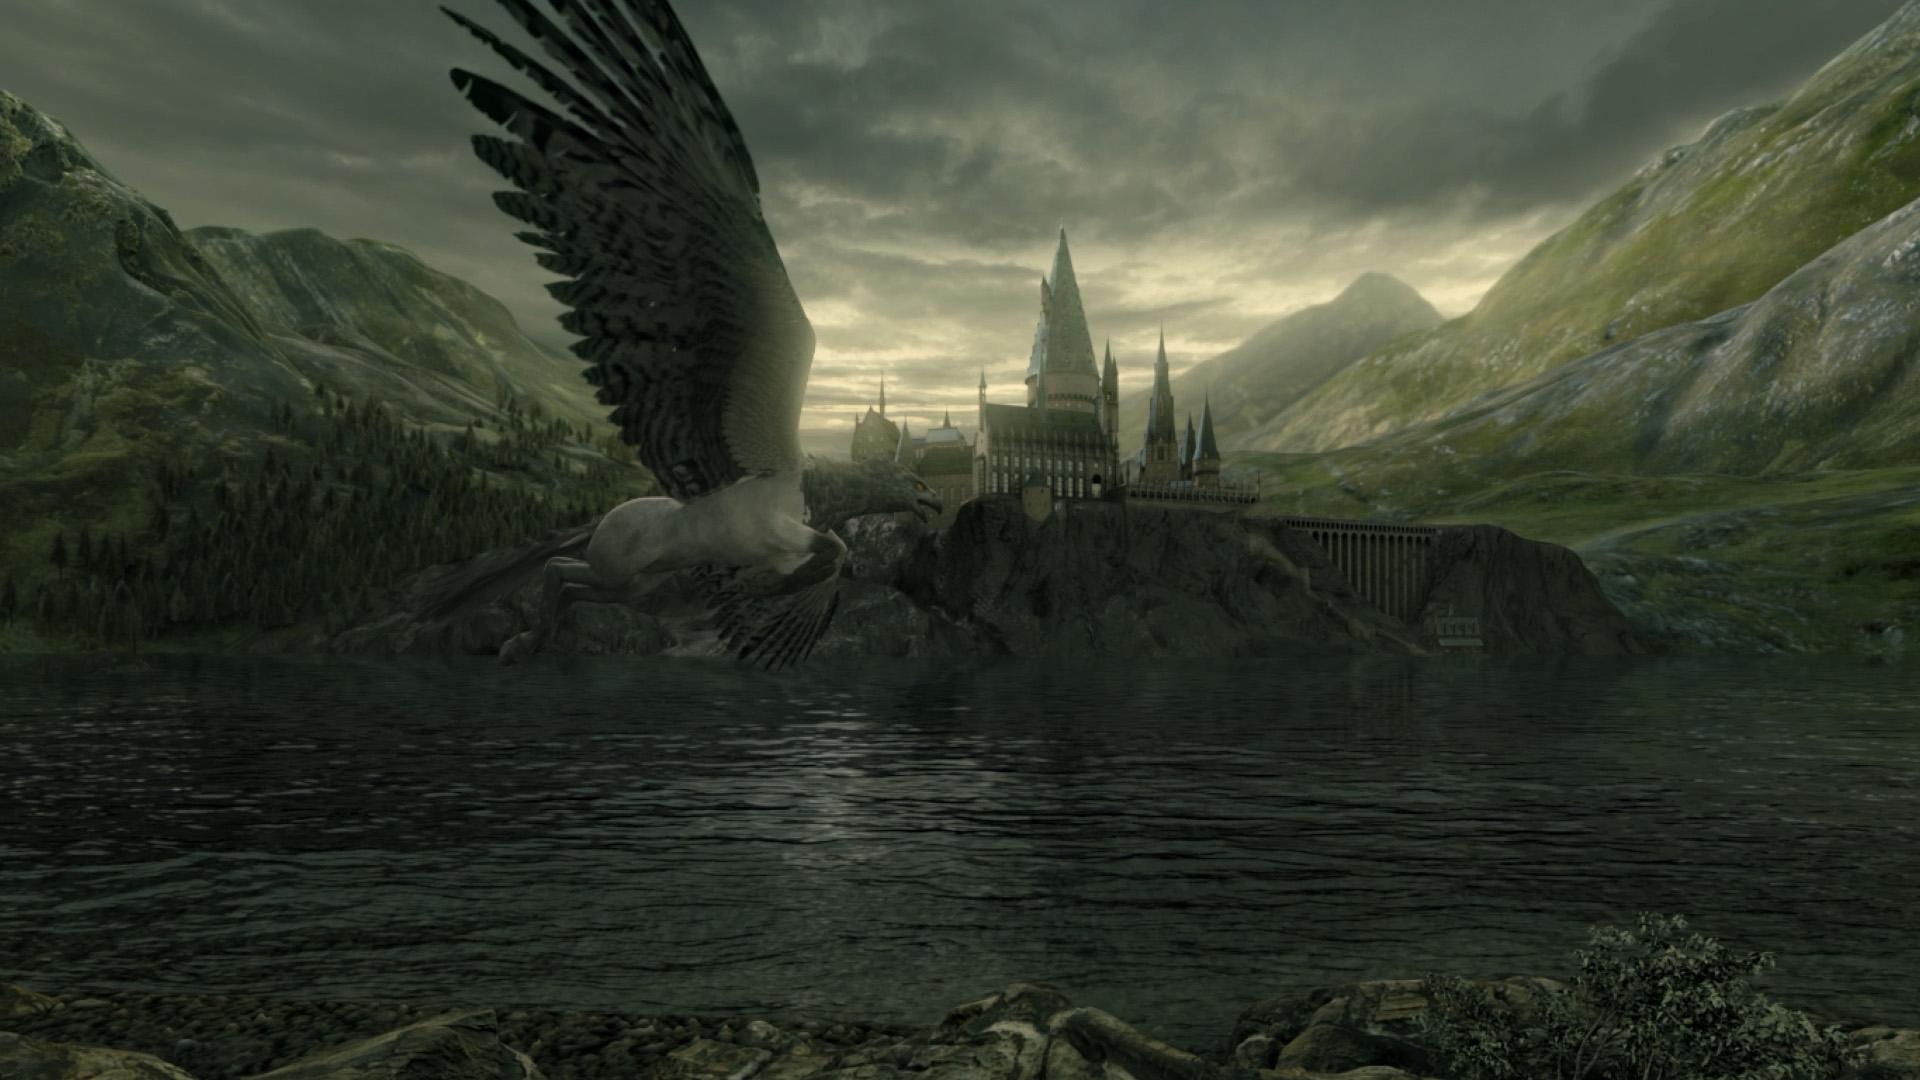 Imagen del video en ventanas del Expreso de Hogwarts en Orlando 1920x1080